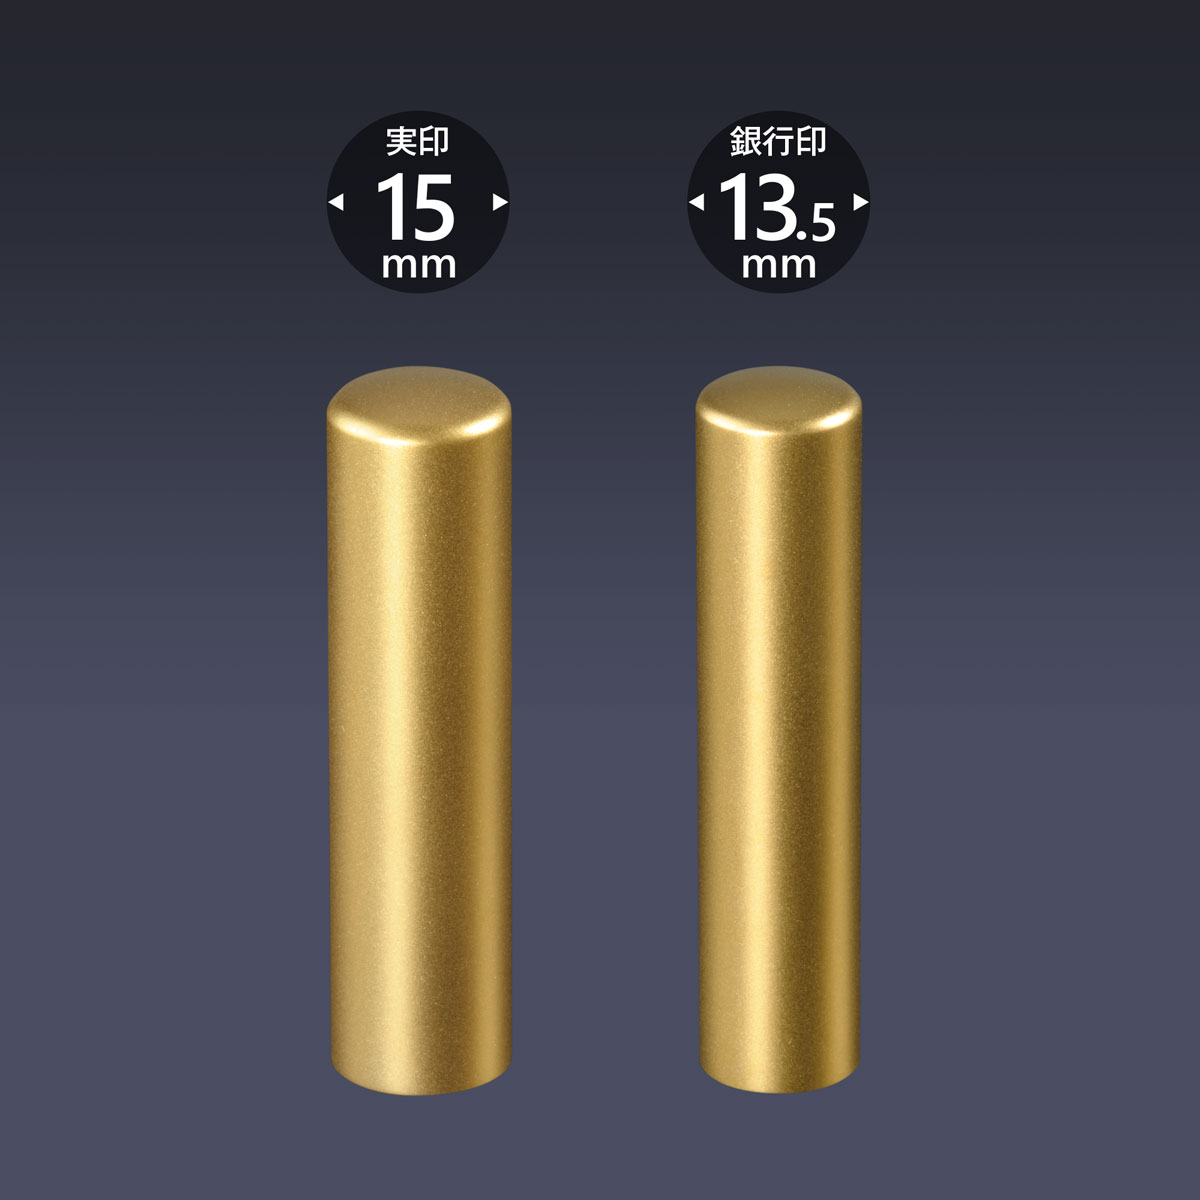 個人印 ブラストチタン(ゴールド) 2本Mセット/送料無料 女性 印鑑 男性 実印 銀行印 認印 はんこ 判子 プレゼント ギフト